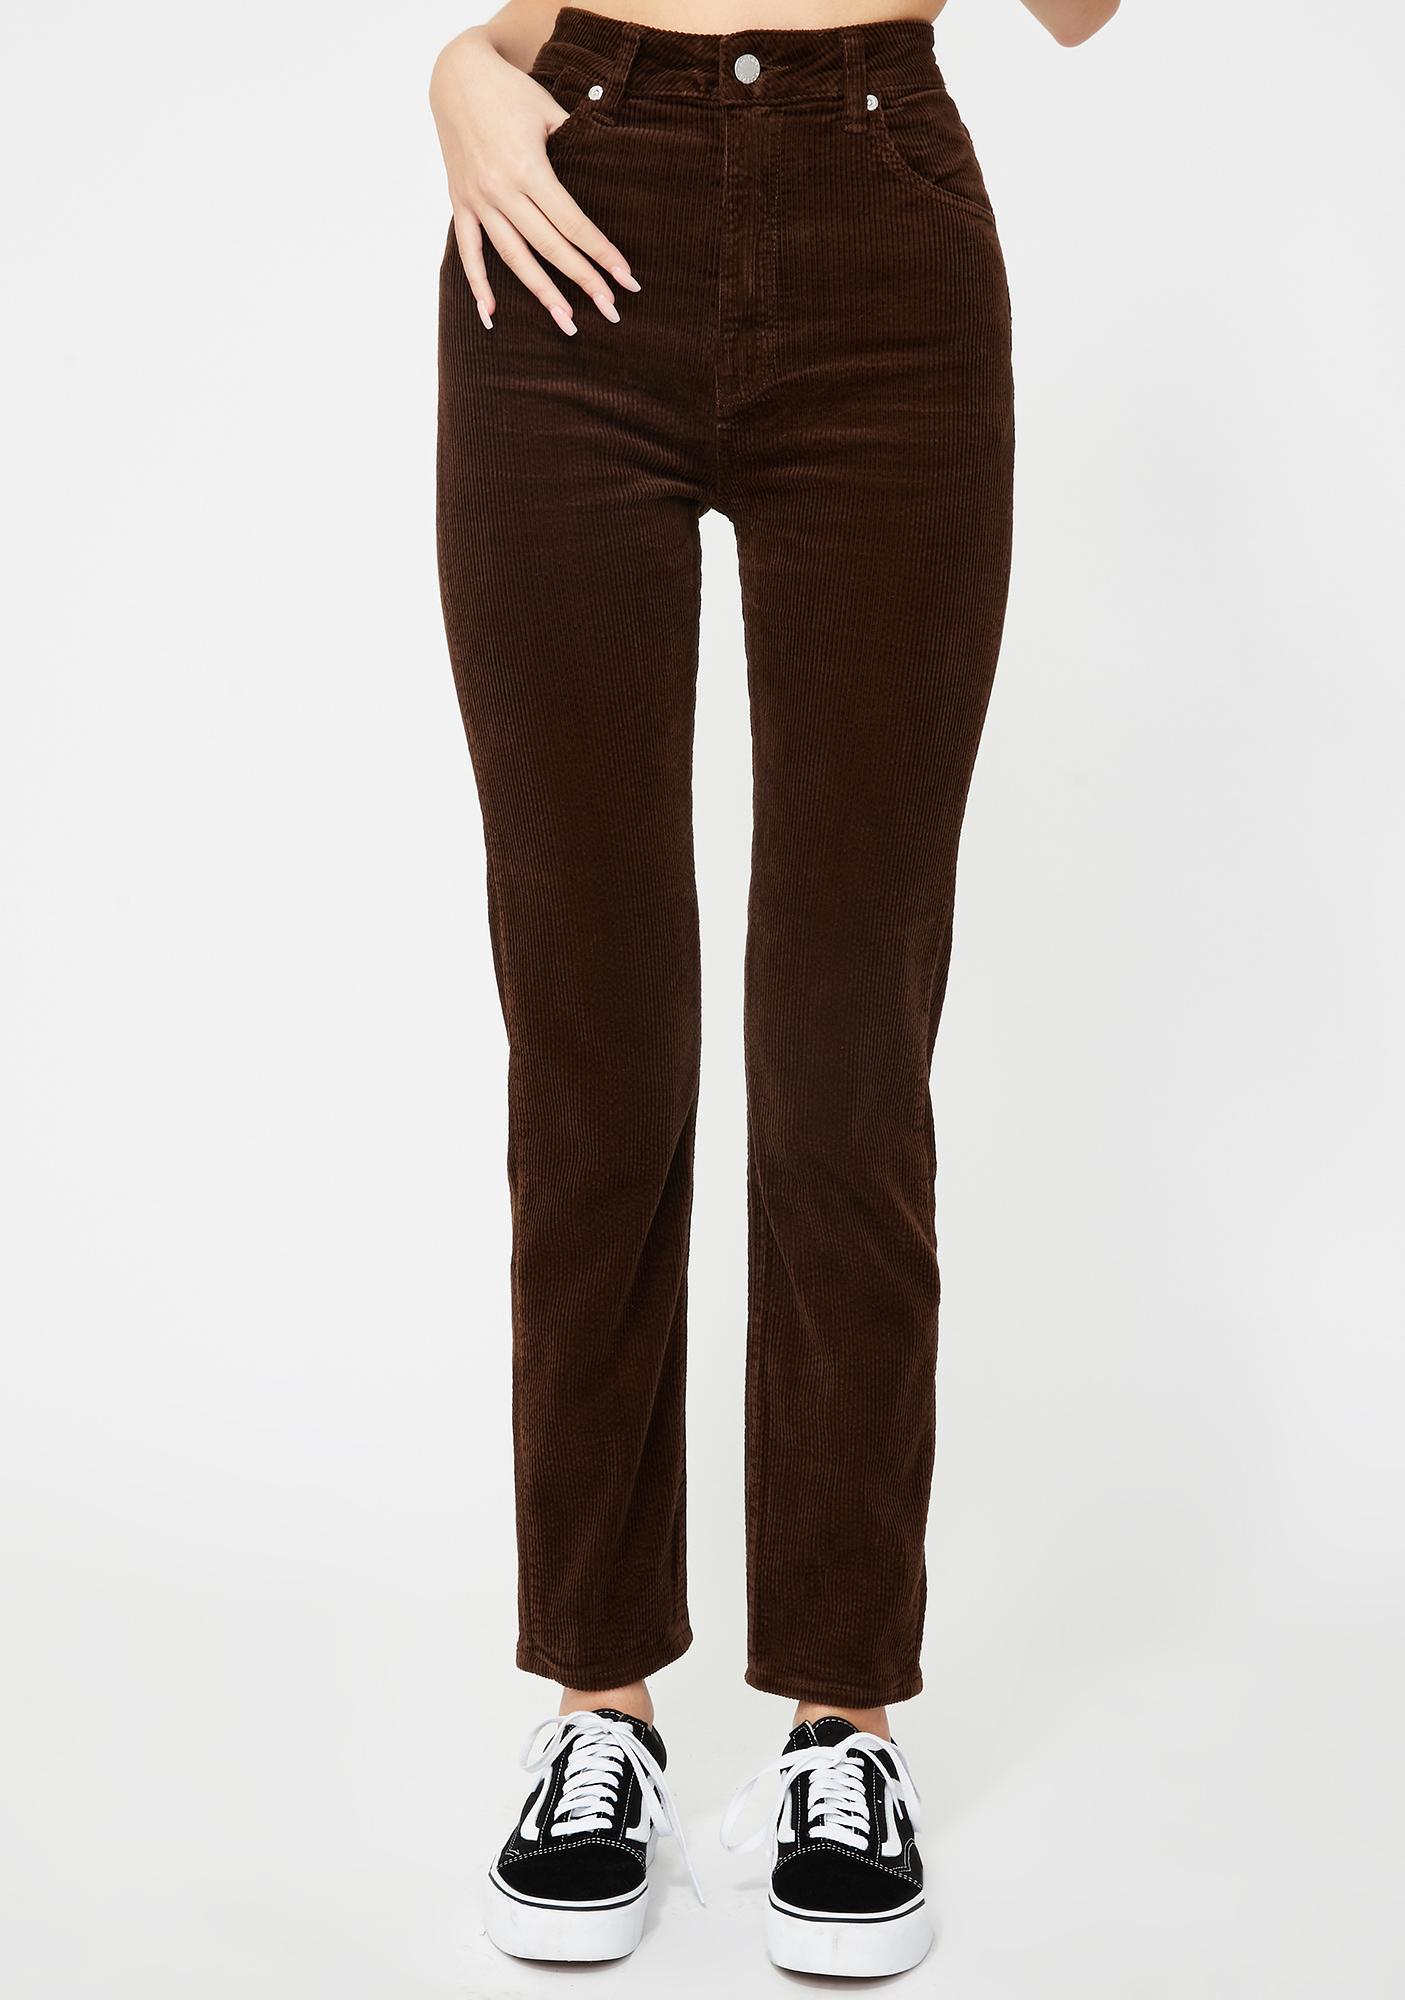 Rollas Brown Cord Dusters Skinny Pants